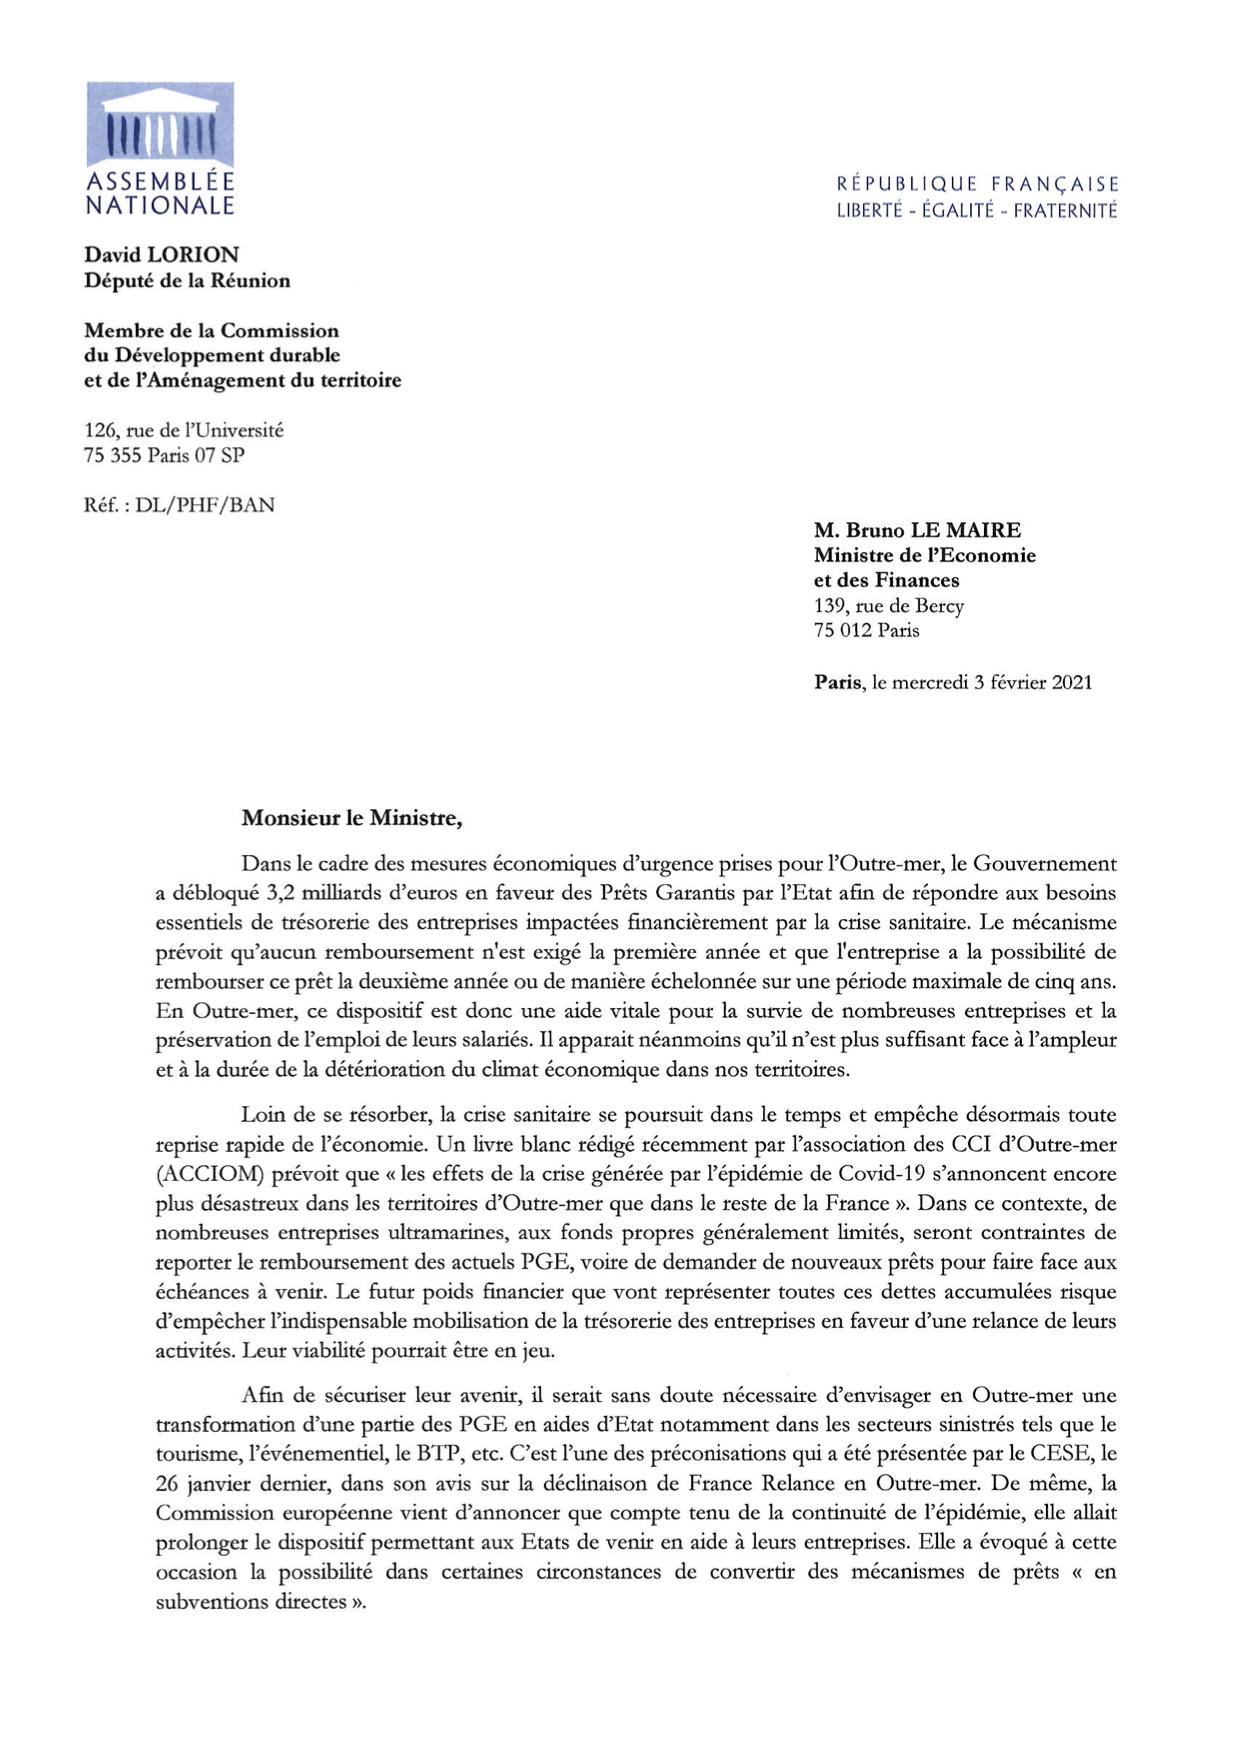 COUR MINECO conversion des PGE en AE pour les secteurs économiques en difficulté en OM 03fev2021 pag 1